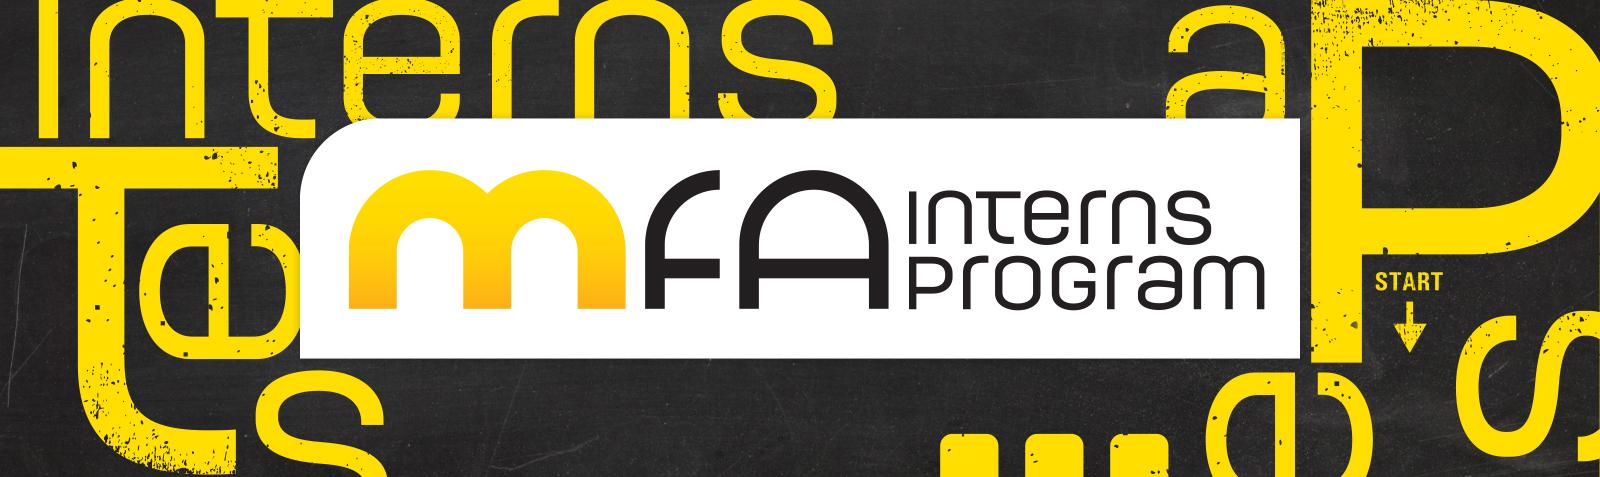 MFA_InternsProgram_Banner2_1600x477px